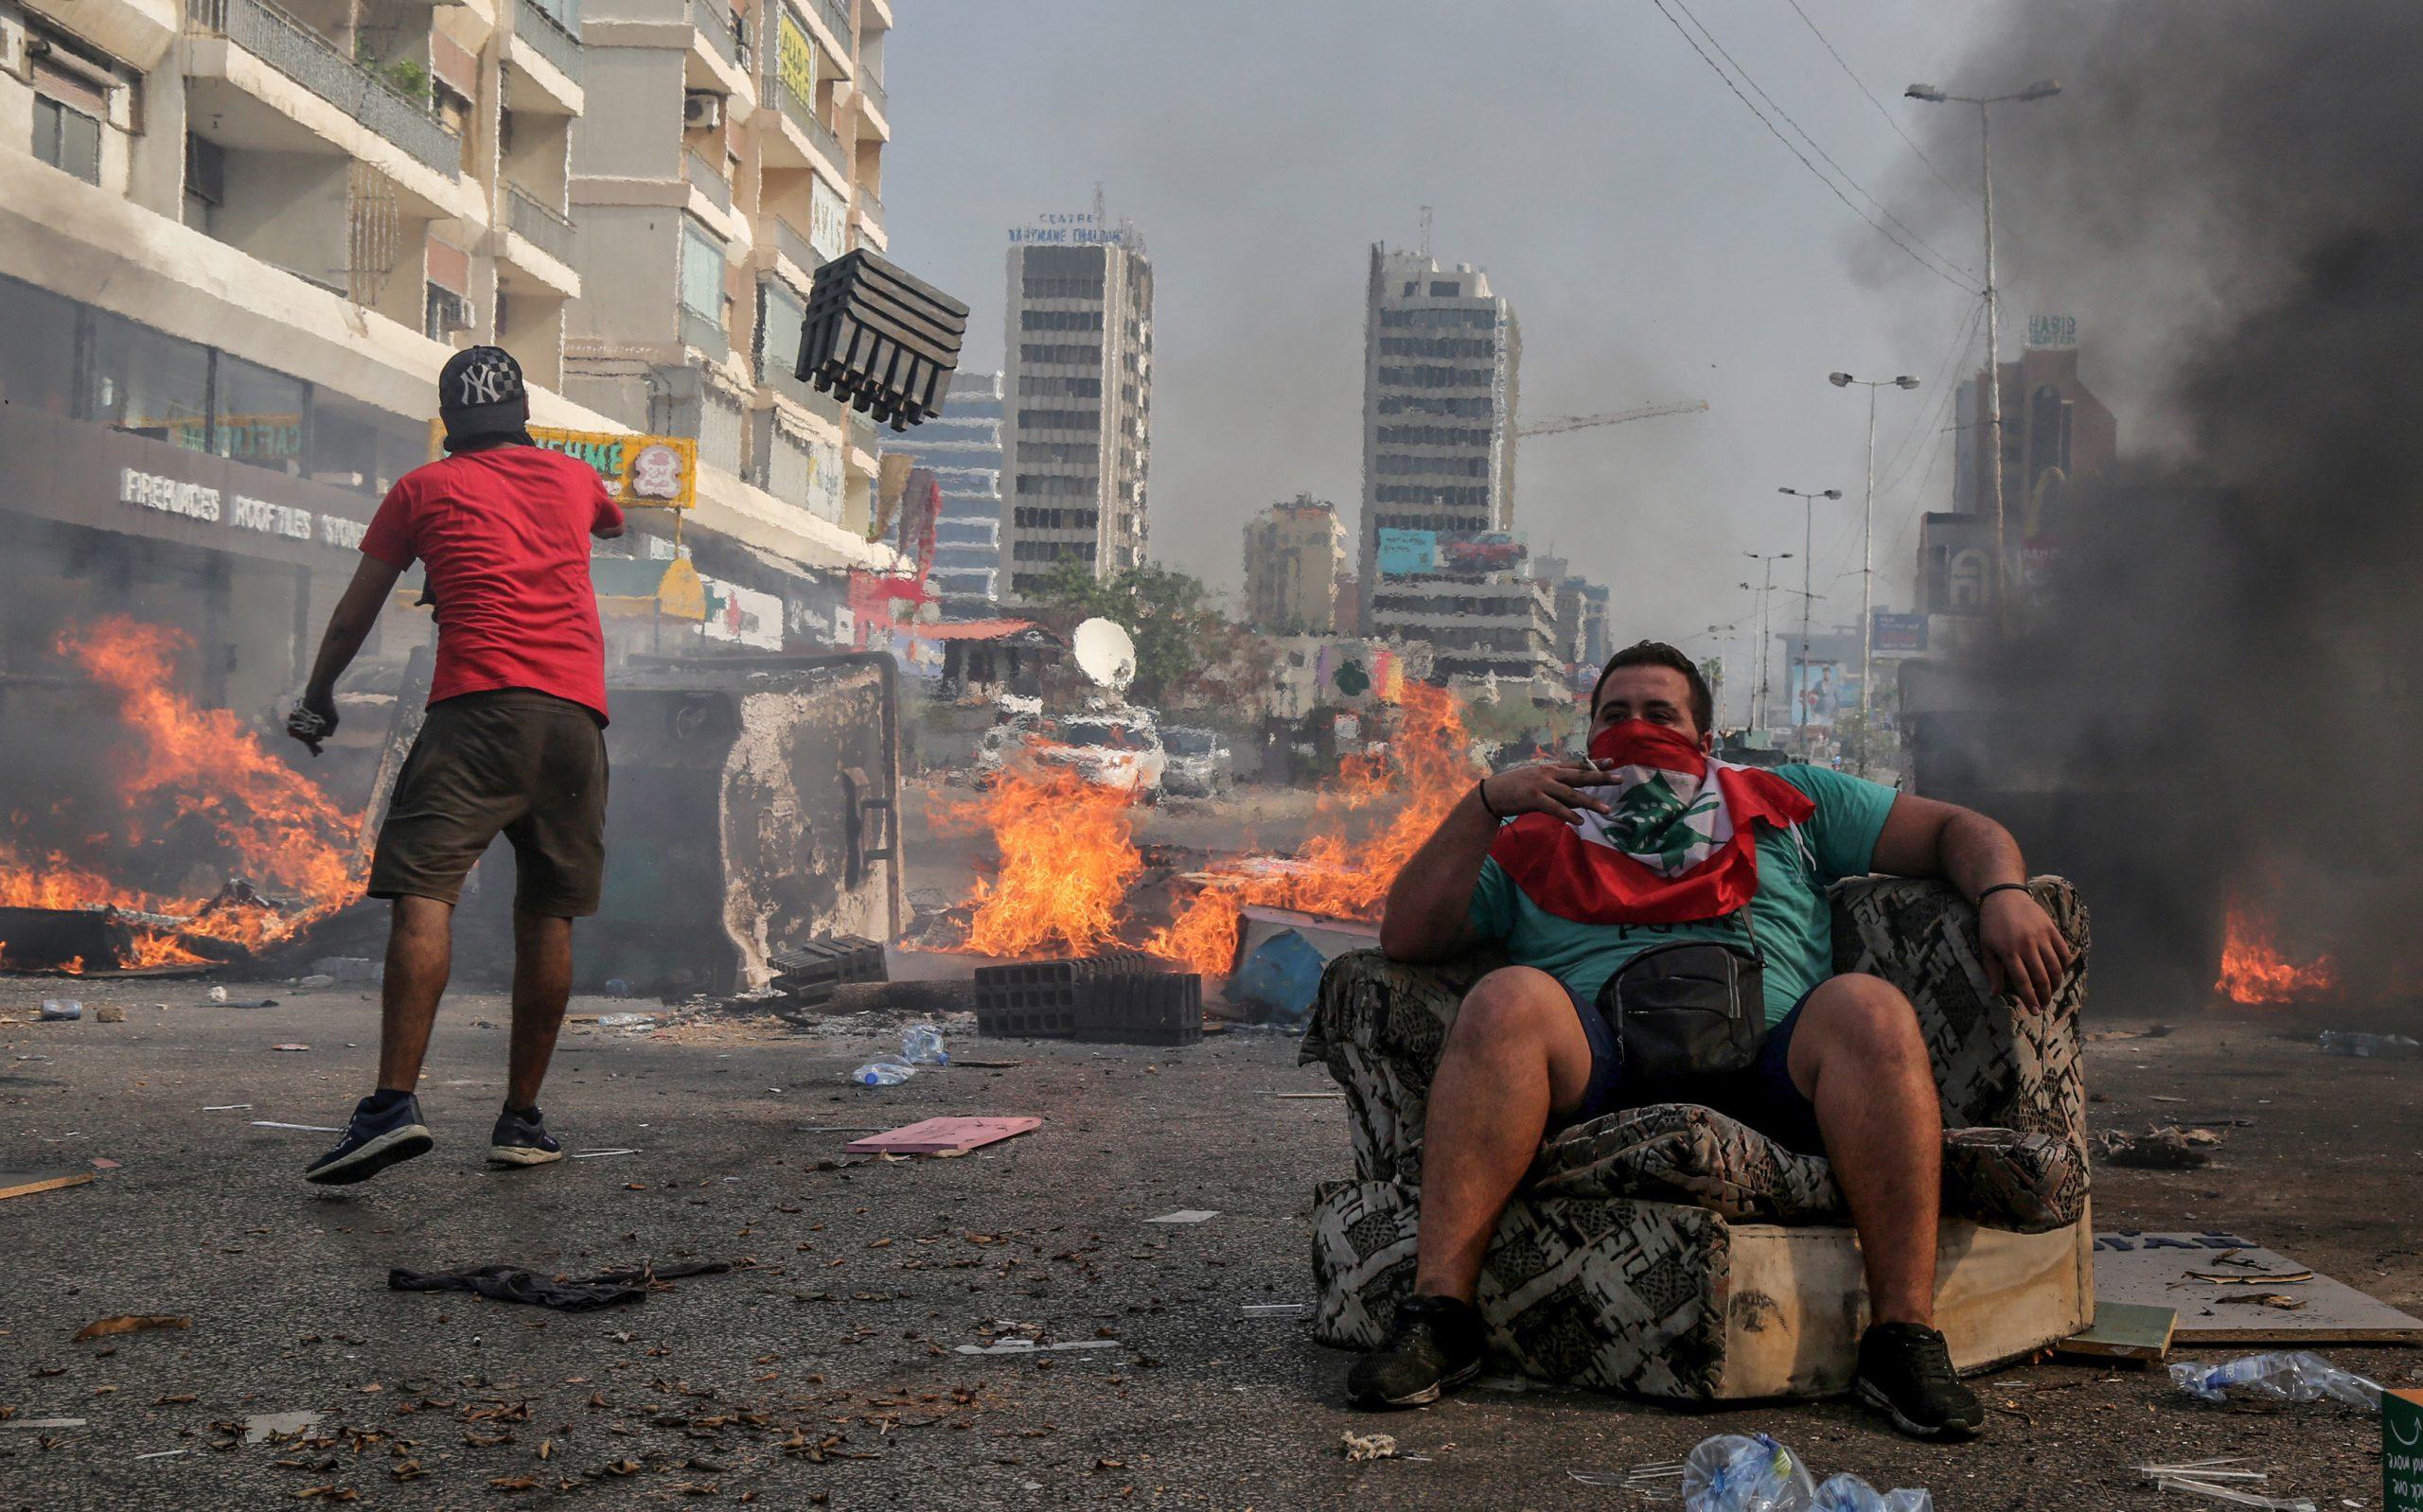 Il Libano disperato sceglie un premier ricco per provare a salvarsi da un nuovo Medio Evo